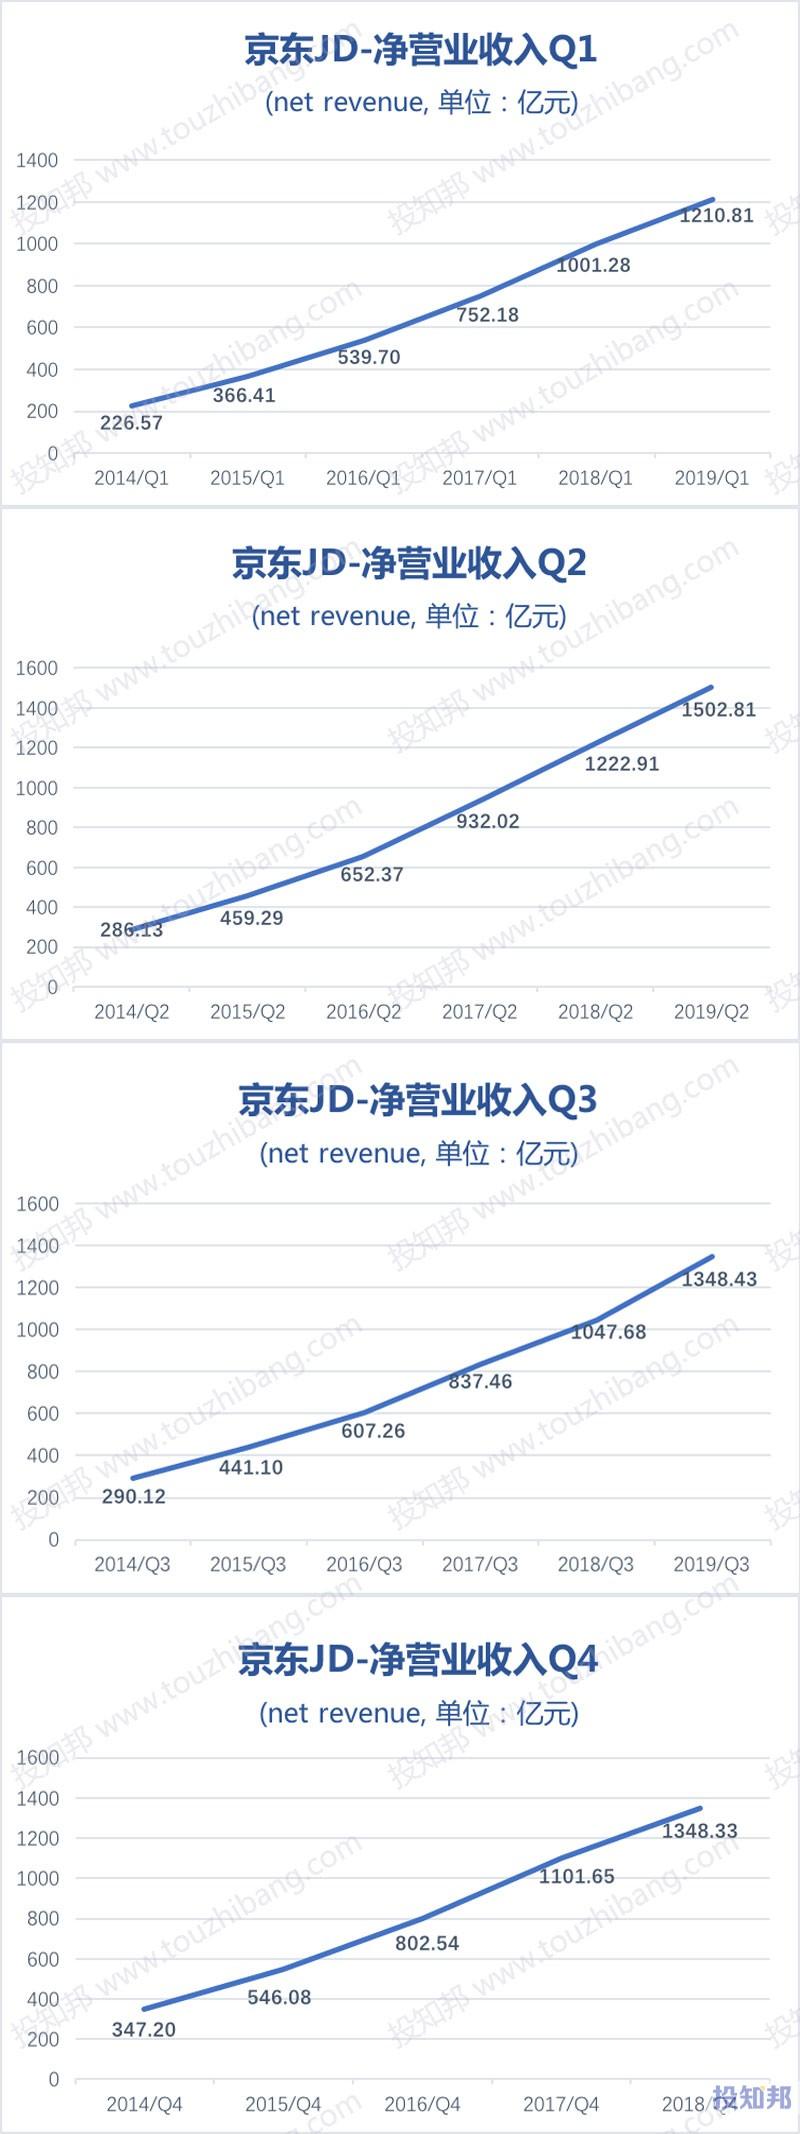 图解京东(JD)财报数据(以人民币计,2014~2019年Q3)